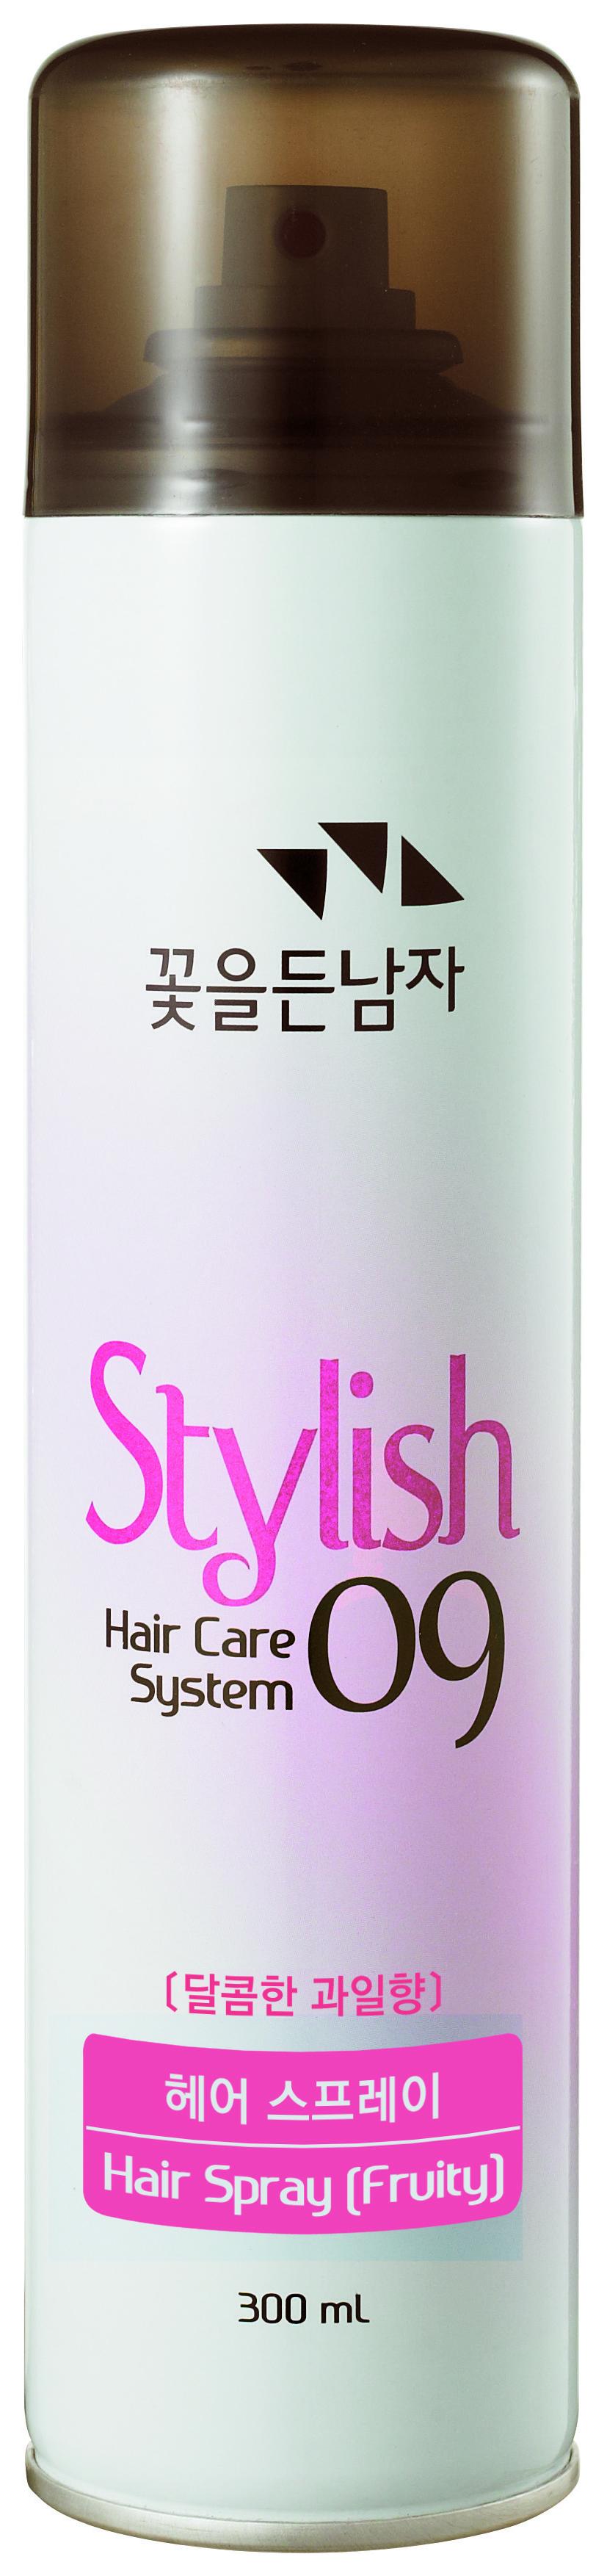 Лак для волос Flor de Man Hair Care System 09 Fruity 300 мл.